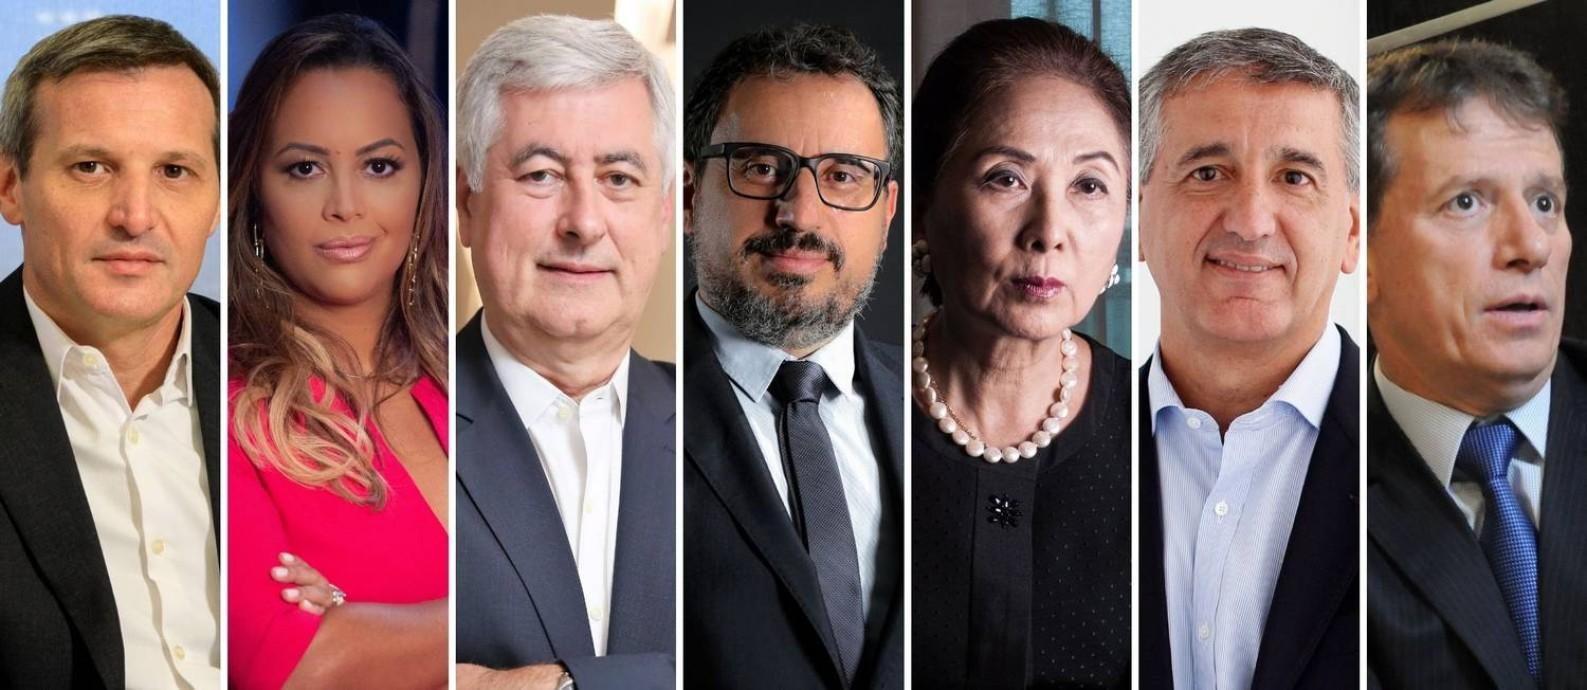 Líderes empresariais ouvidos pelo GLOBO esperam vacina e reformas para retomada do crescimento da economia este ano Foto: Editoria de Fotografia